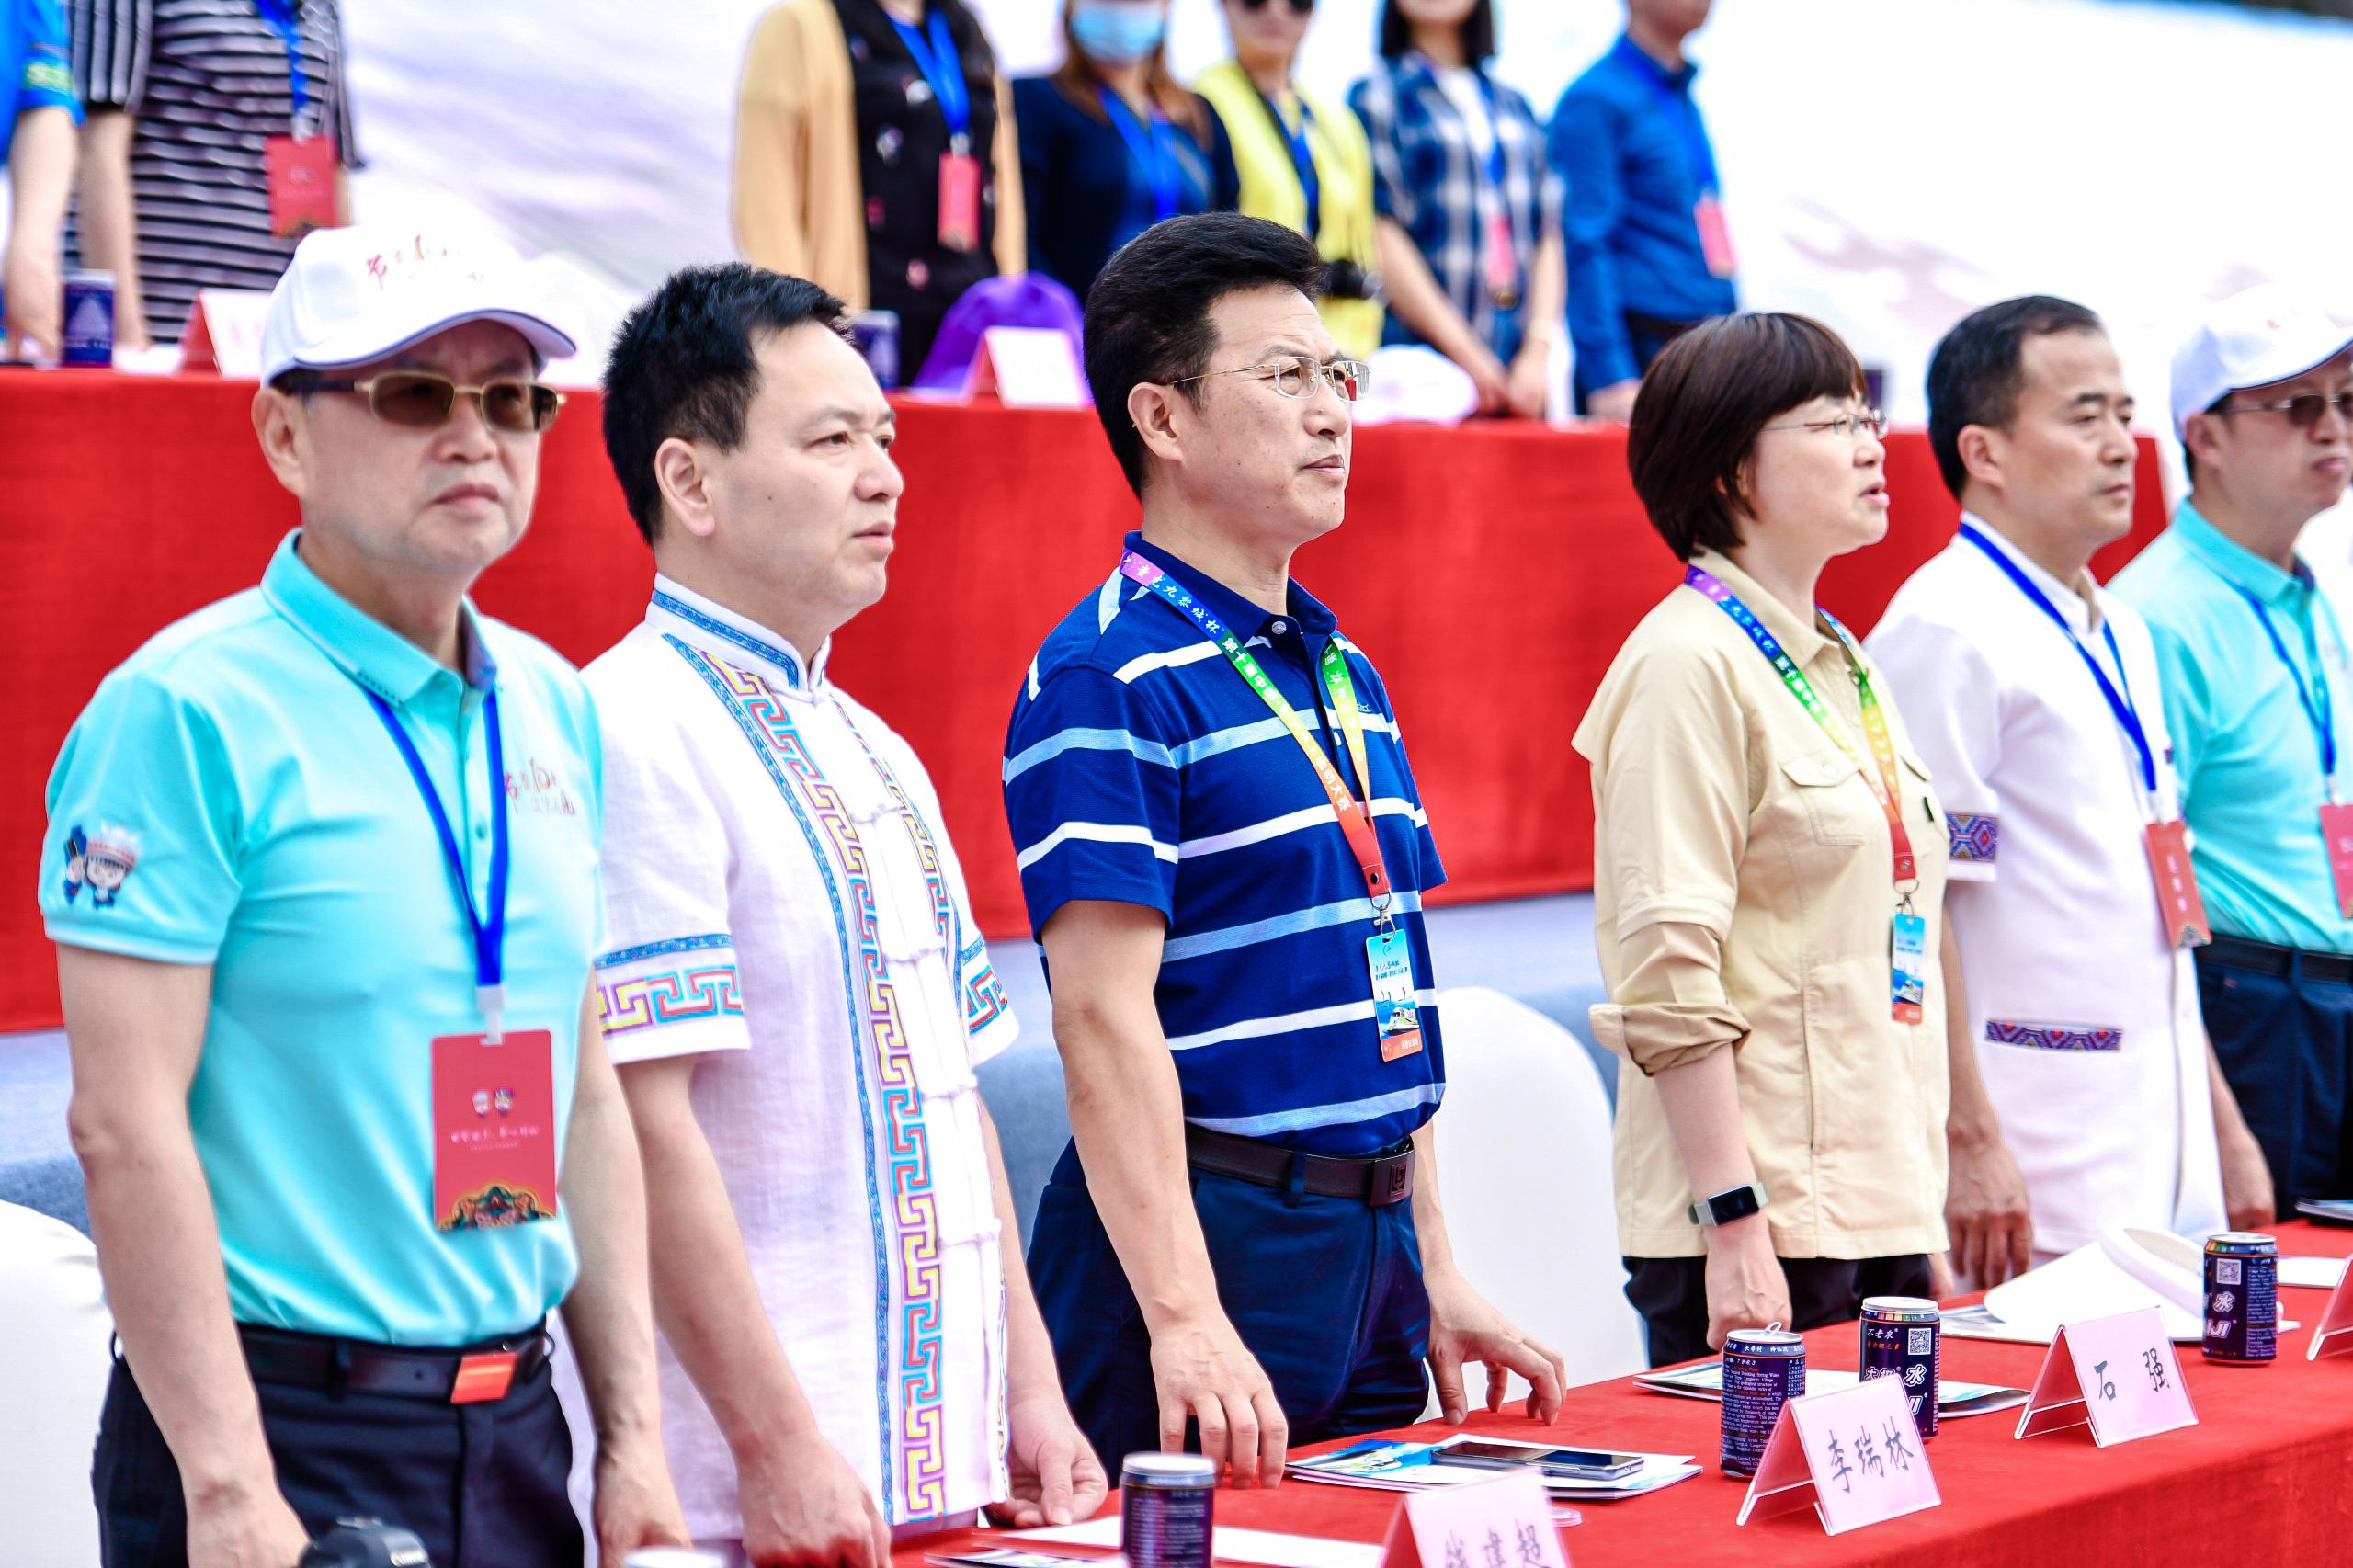 中国·彭水摩托艇大奖赛、中国·彭水桨板公开赛盛大开赛